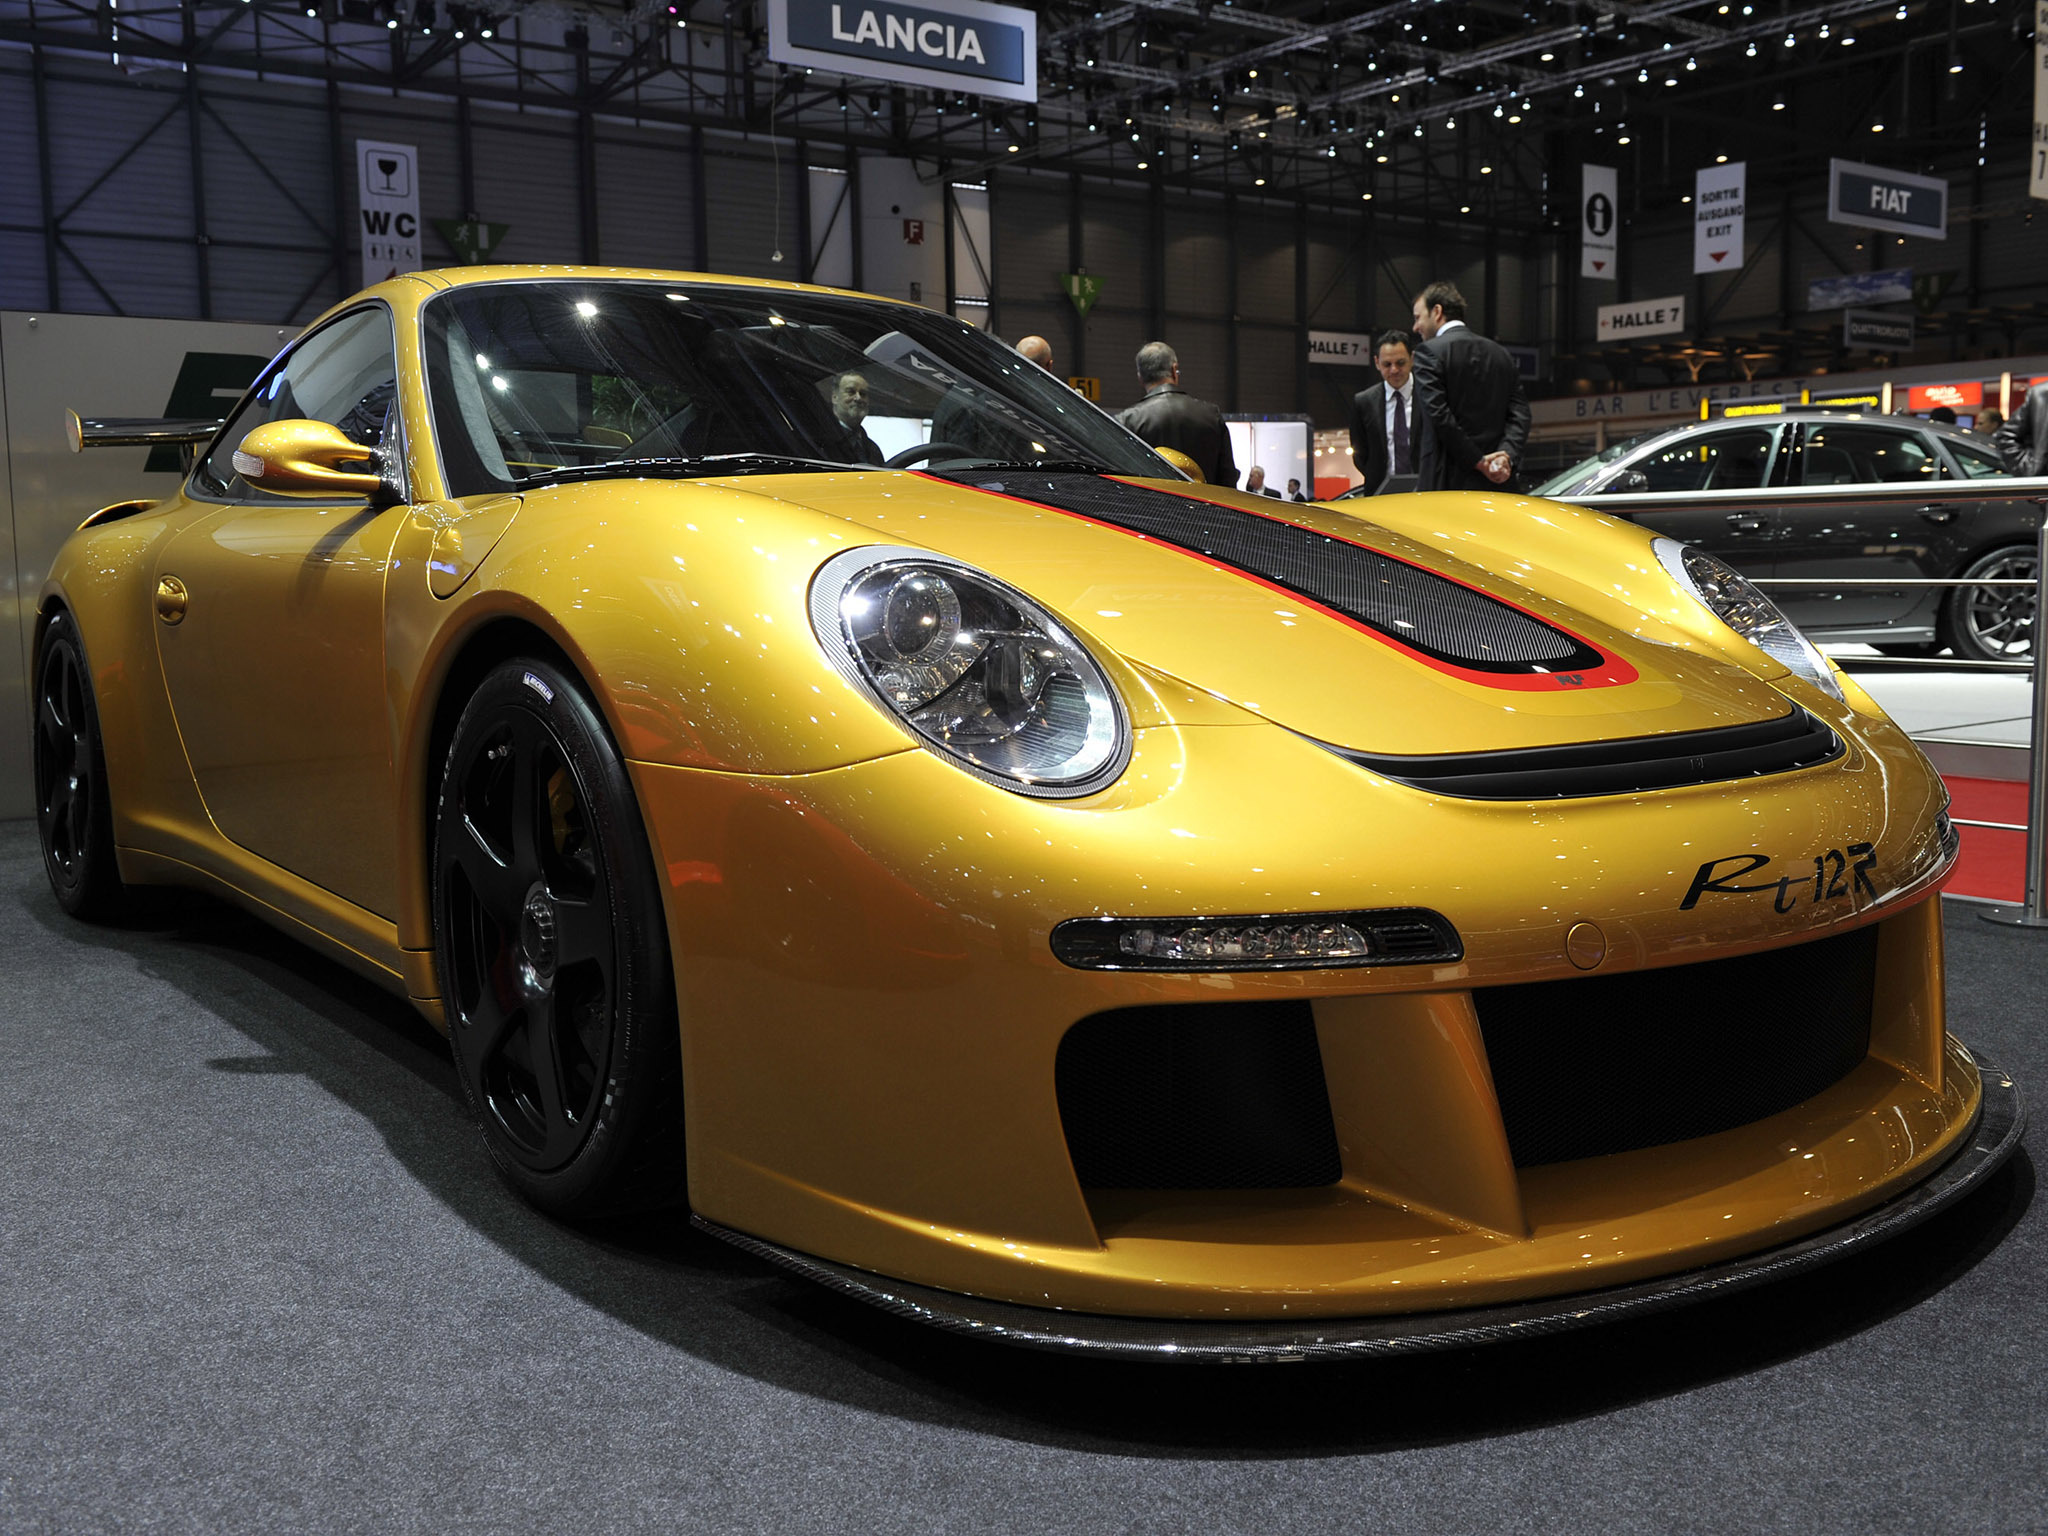 46698 скачать обои Транспорт, Машины, Порш (Porsche) - заставки и картинки бесплатно